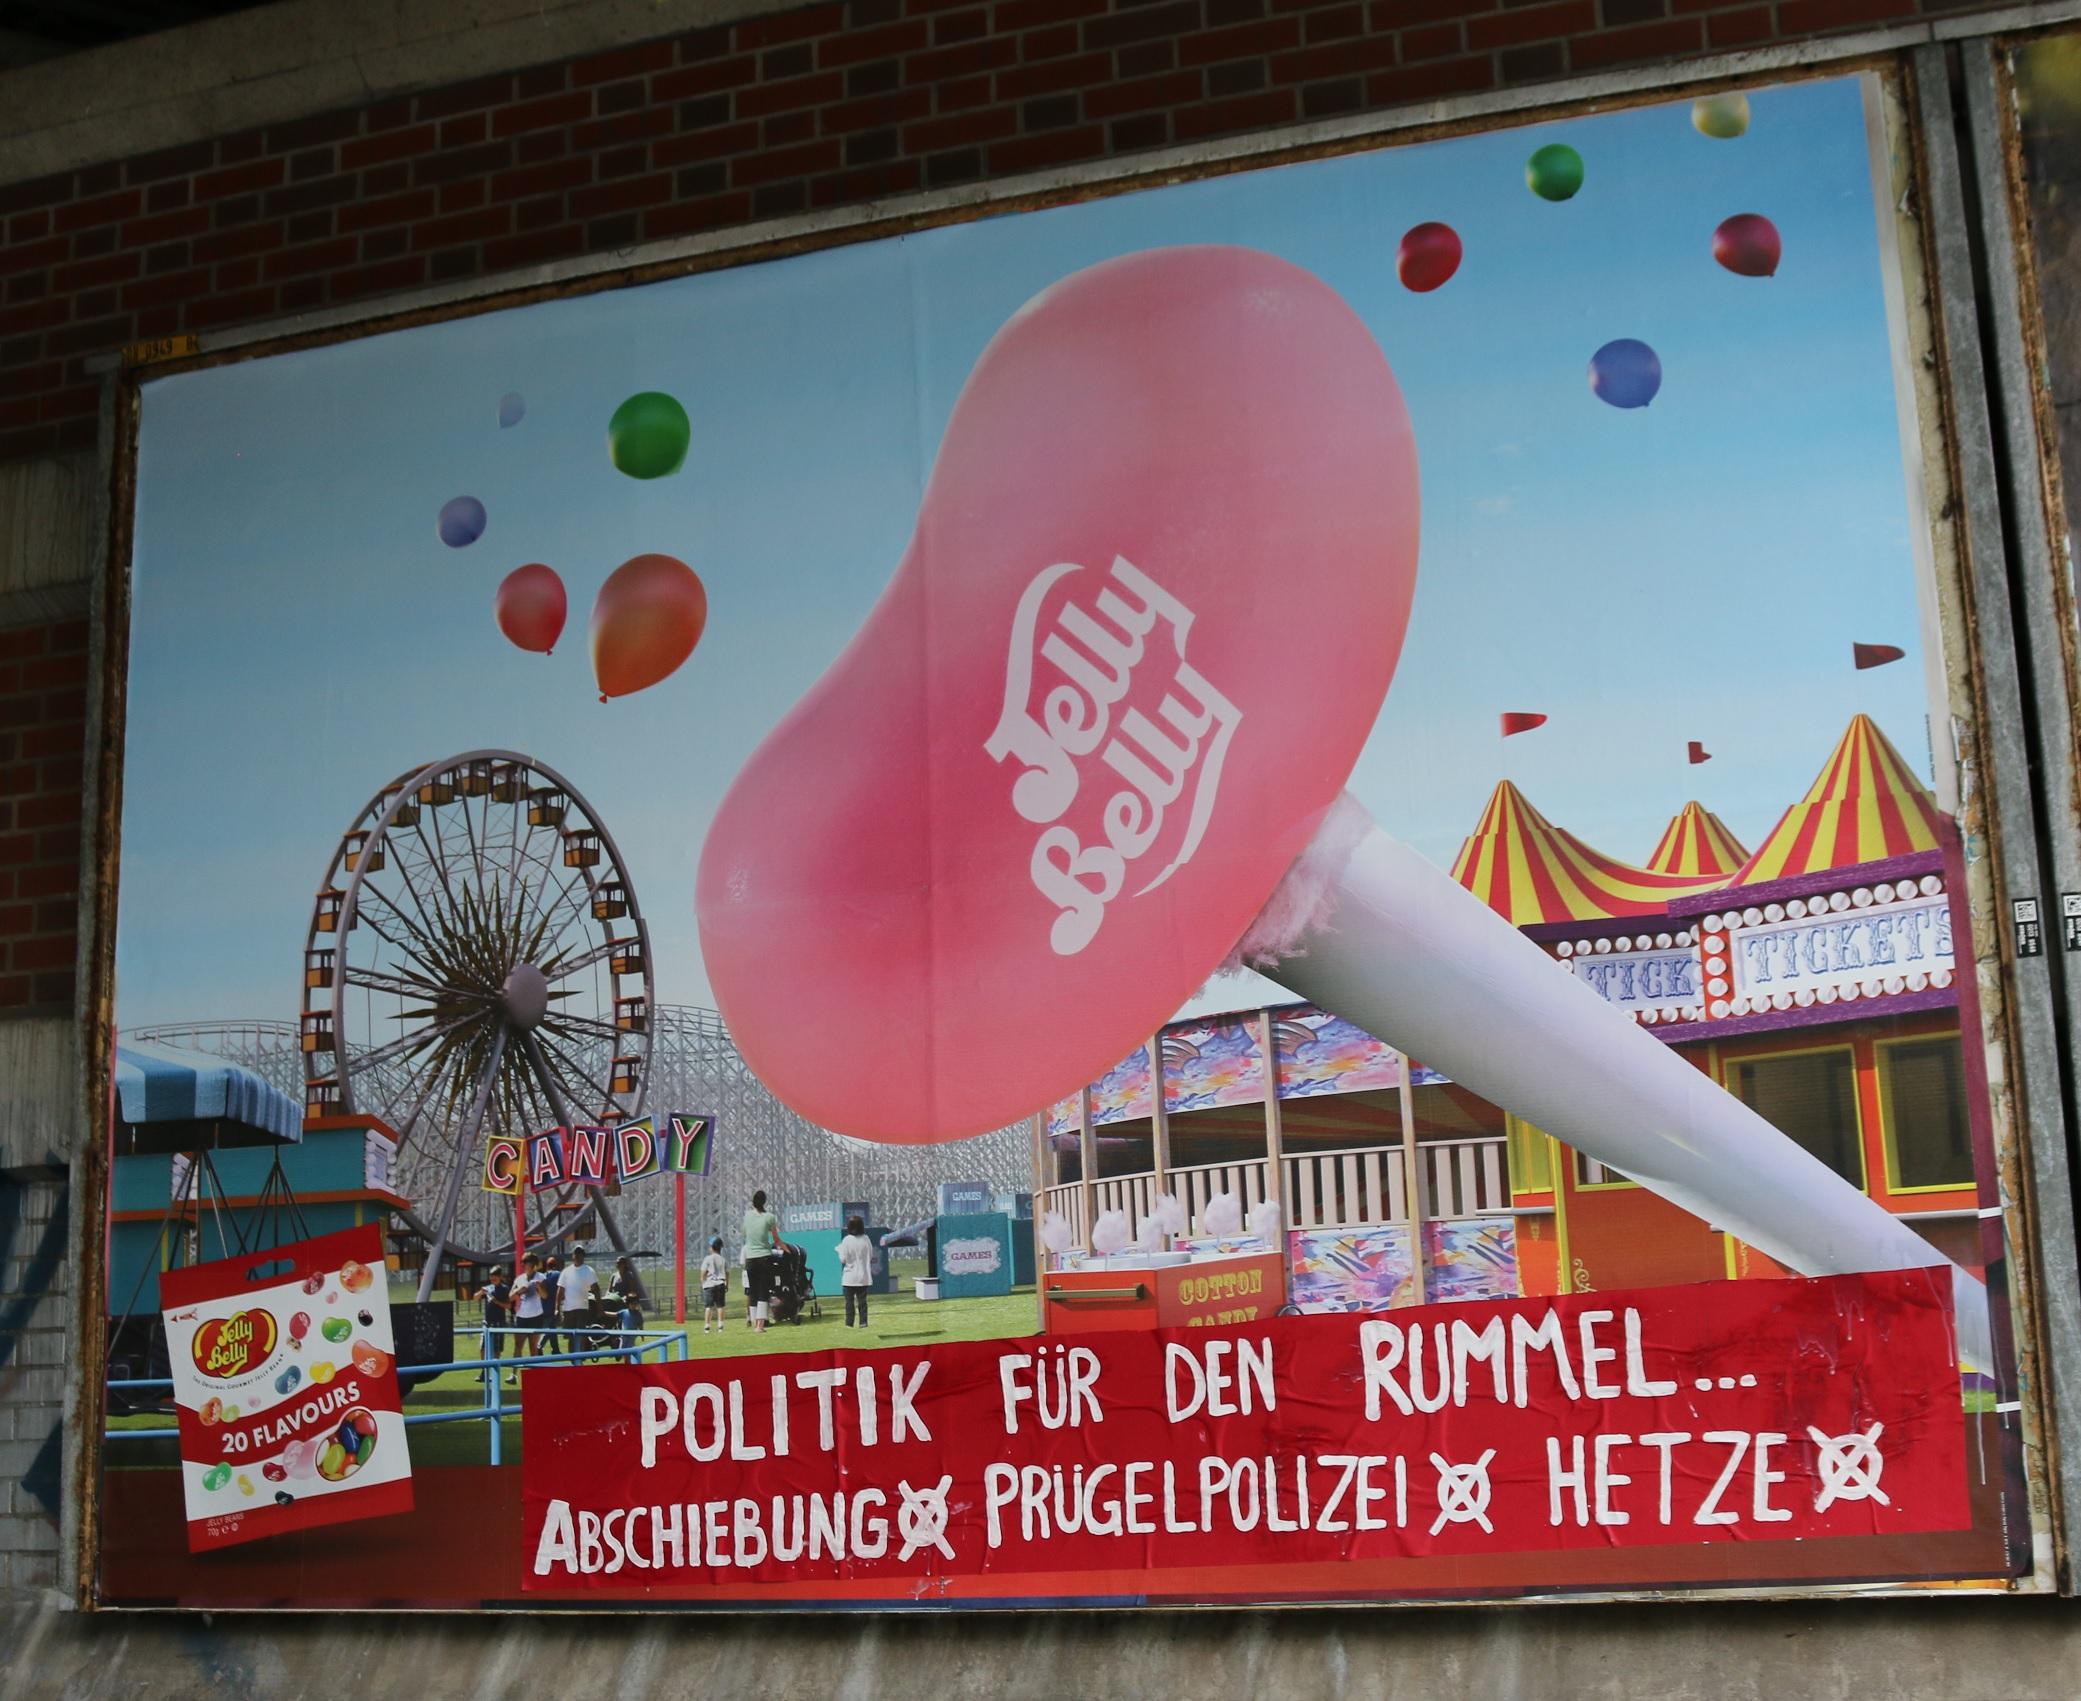 Adbusting Politik für den Rummel